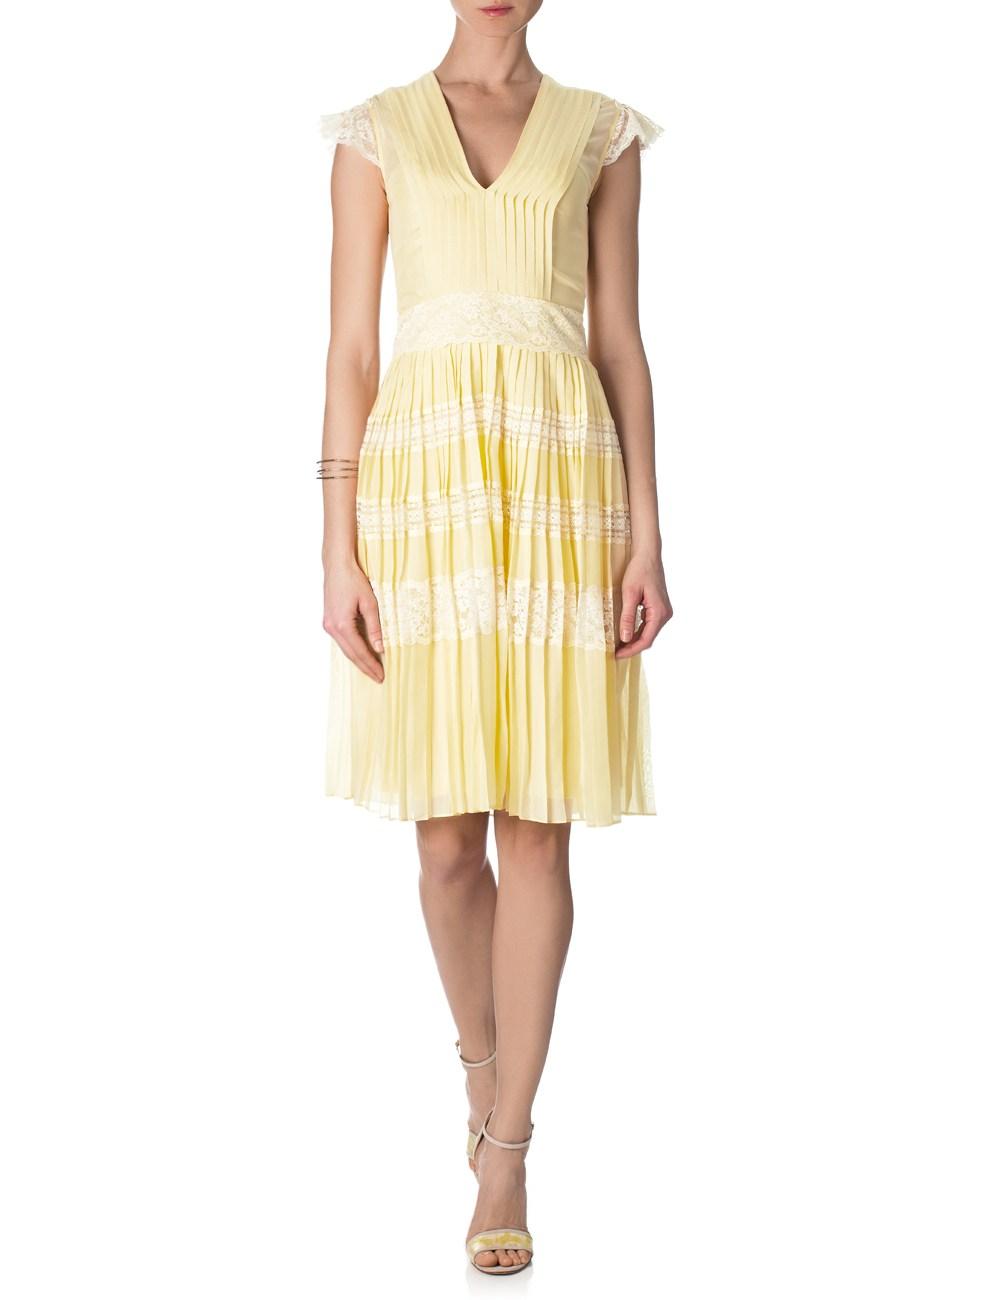 yellow lace dress 2013